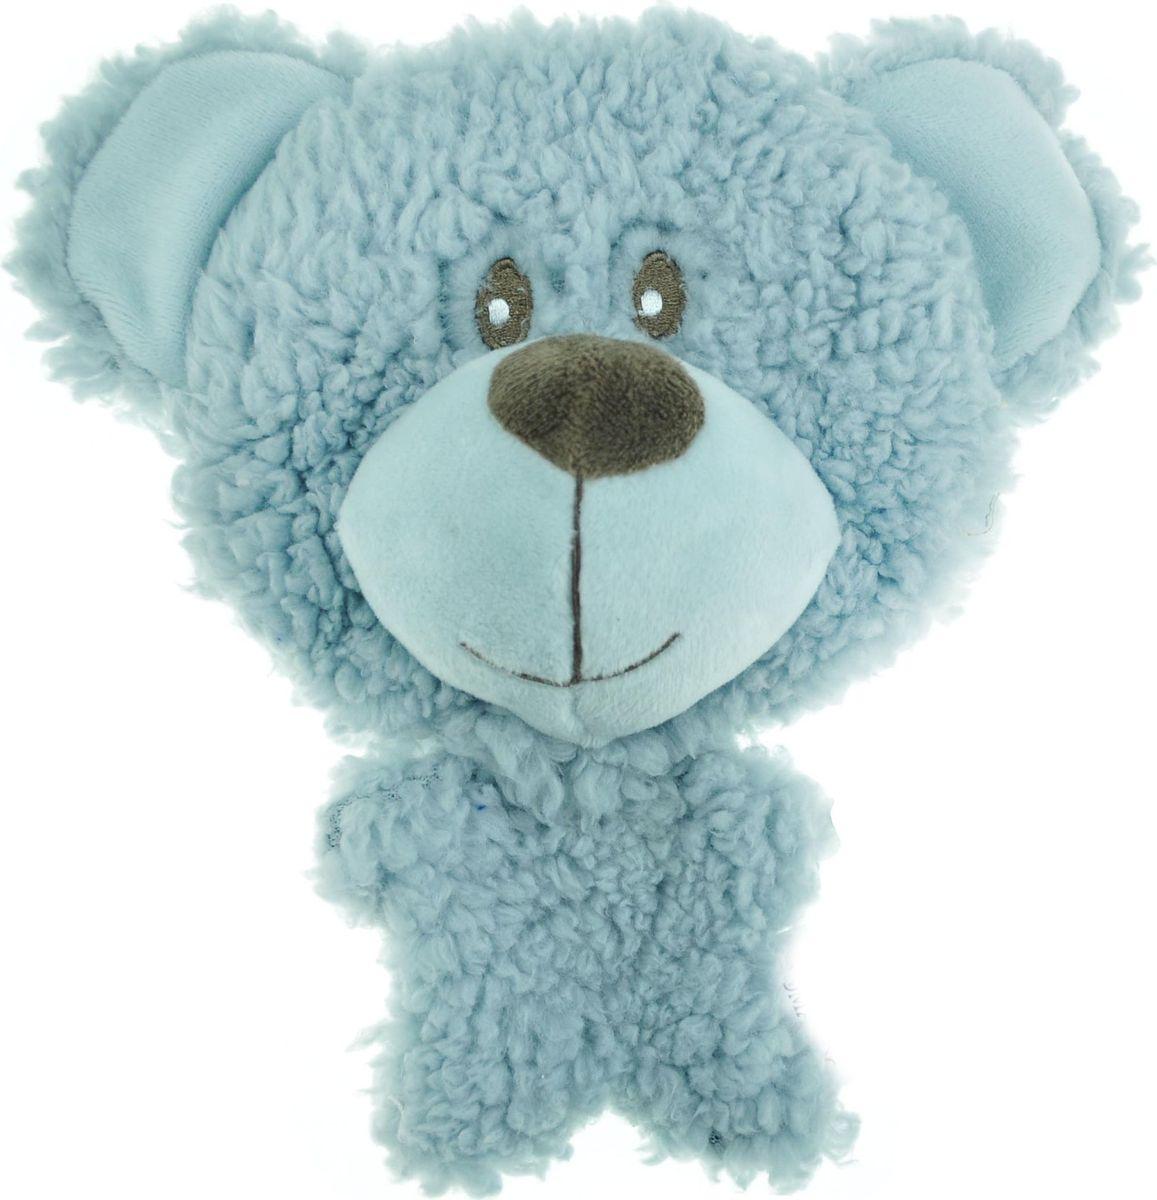 Игрушка для собак Aromadog Big Head. Мишка, цвет: голубой, 12 смWB16954-1Aromadog создал первую в мире интерактивную игрушку с натуральным эфирным маслом.В конструкции игрушки имеется пищалка с наполнителем пропитанным маслом лаванды. При каждом нажатии на игрушку аромат высвобождается.При изготовлении используется эфирное масло лаванды 100% терапевтической чистоты.Запатентованная технология для стойкого аромата.Использование игрушки рекомендовано ветеринарными врачами.Игрушка корректирует поведение питомца.Она успокаивает. Борется с гиперактивностью.Использование игрушки рекомендовано собакам со следующими поведенческими проблемами:Разлука с хозяином: Пожалуйста, не уходи!Беспокойство по ночам: Почему все спят?Визит к ветеринарному врачу: Эти неизвестные и пугающие запахи!Боязнь грома и петард: Эти звуки меня пугают!Питомцы из приюта: Они полюбят меня?Скука: О! Новая игрушка, как хорошо. Спокойствие, баланс….